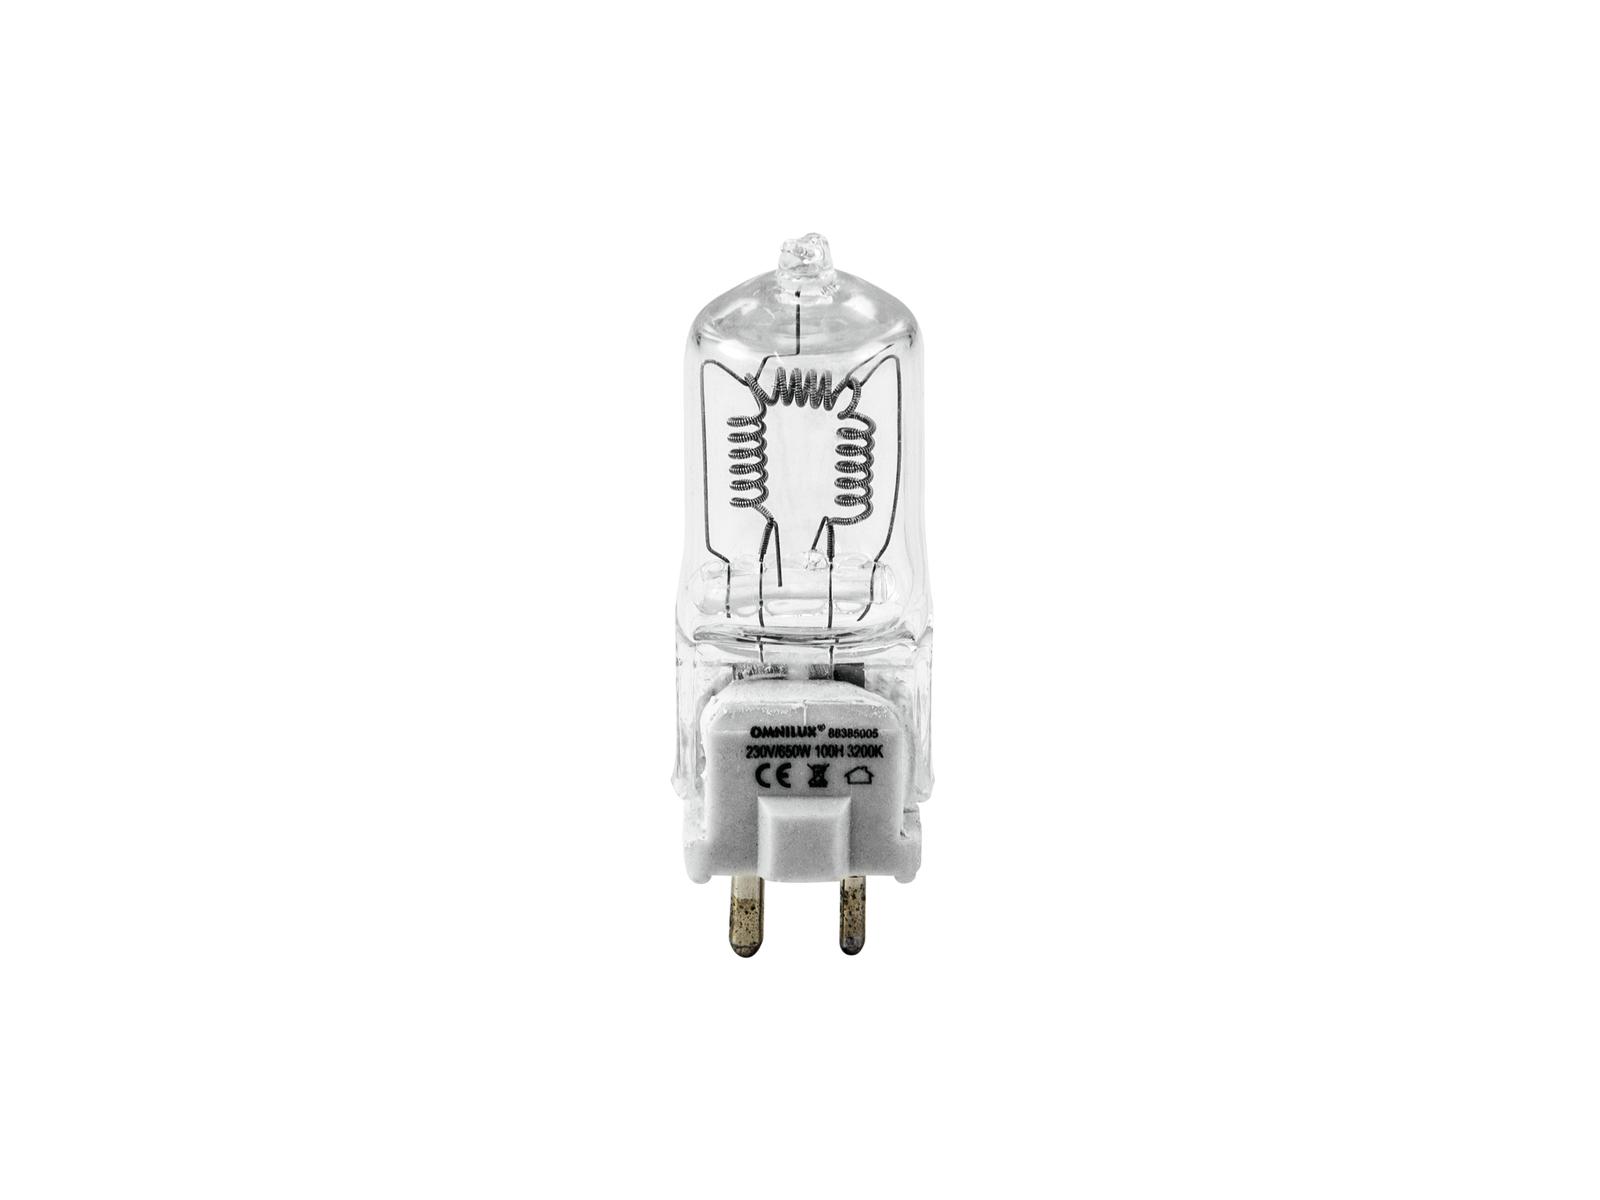 230V/650W GY 9,5 50h Omnilux